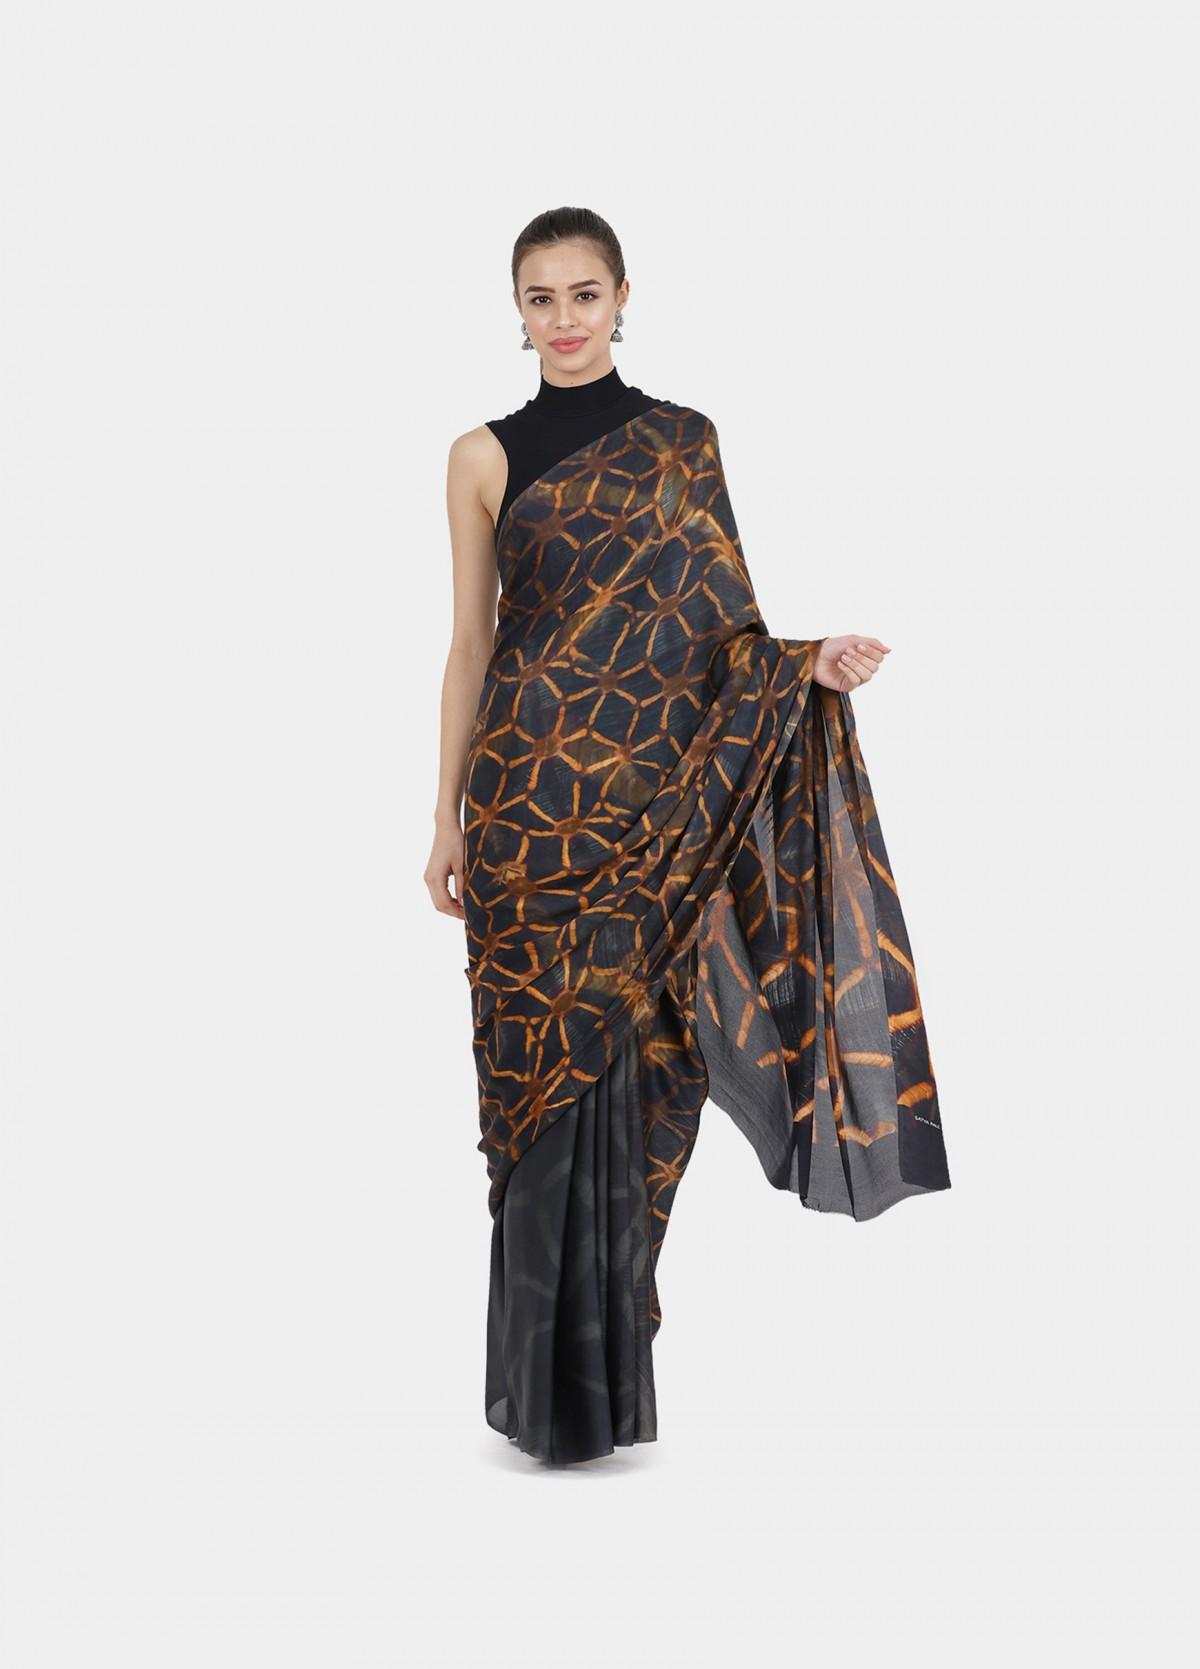 The Squirtil Sari